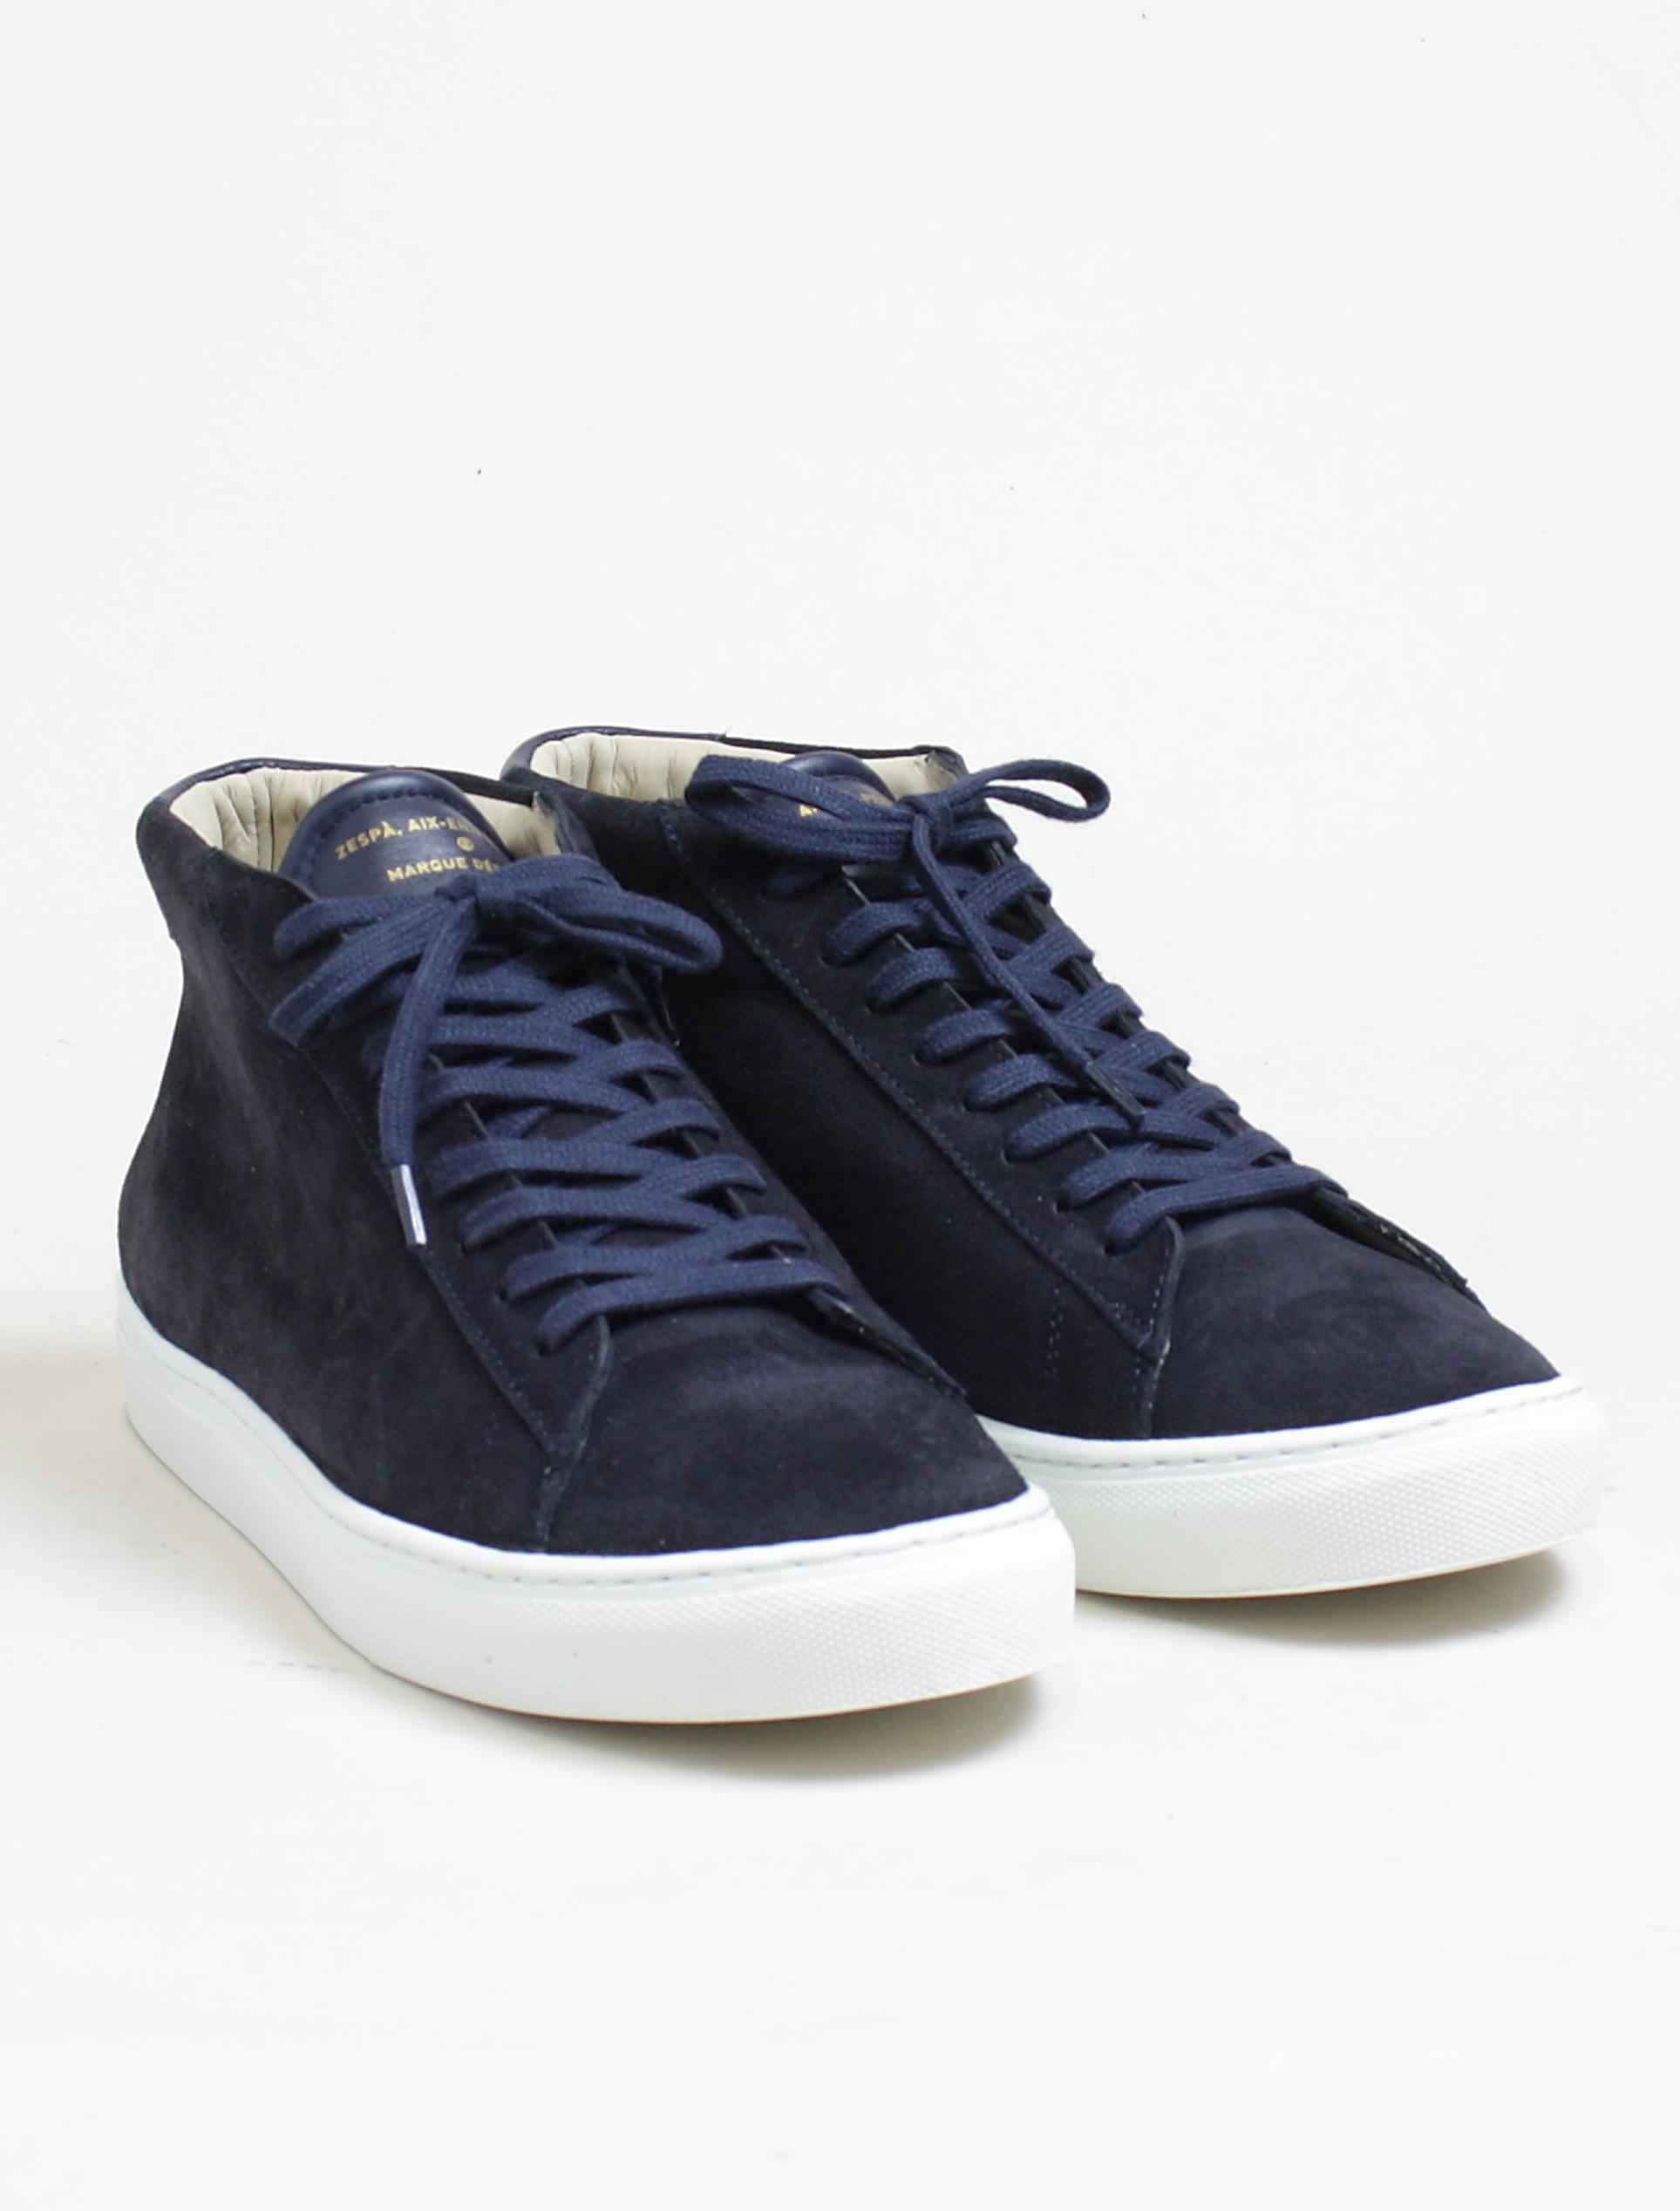 Zespa zsps sneakers suede navy paio